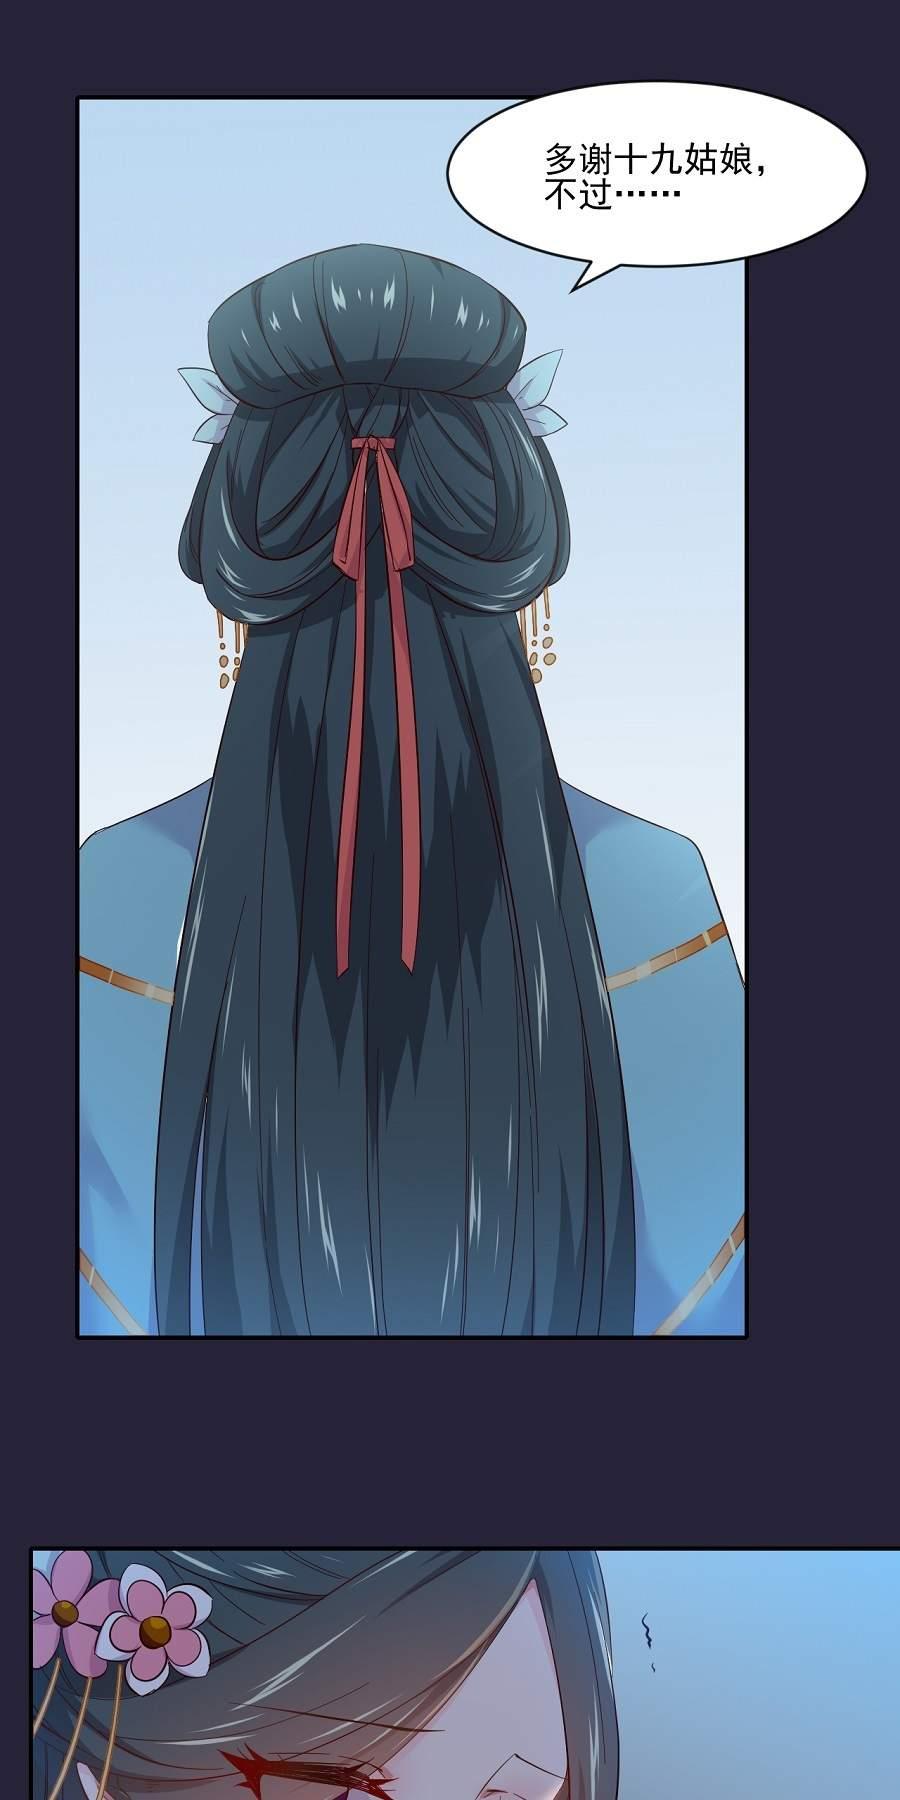 盛世帝王妃第67话  迟早是敌人 第 13